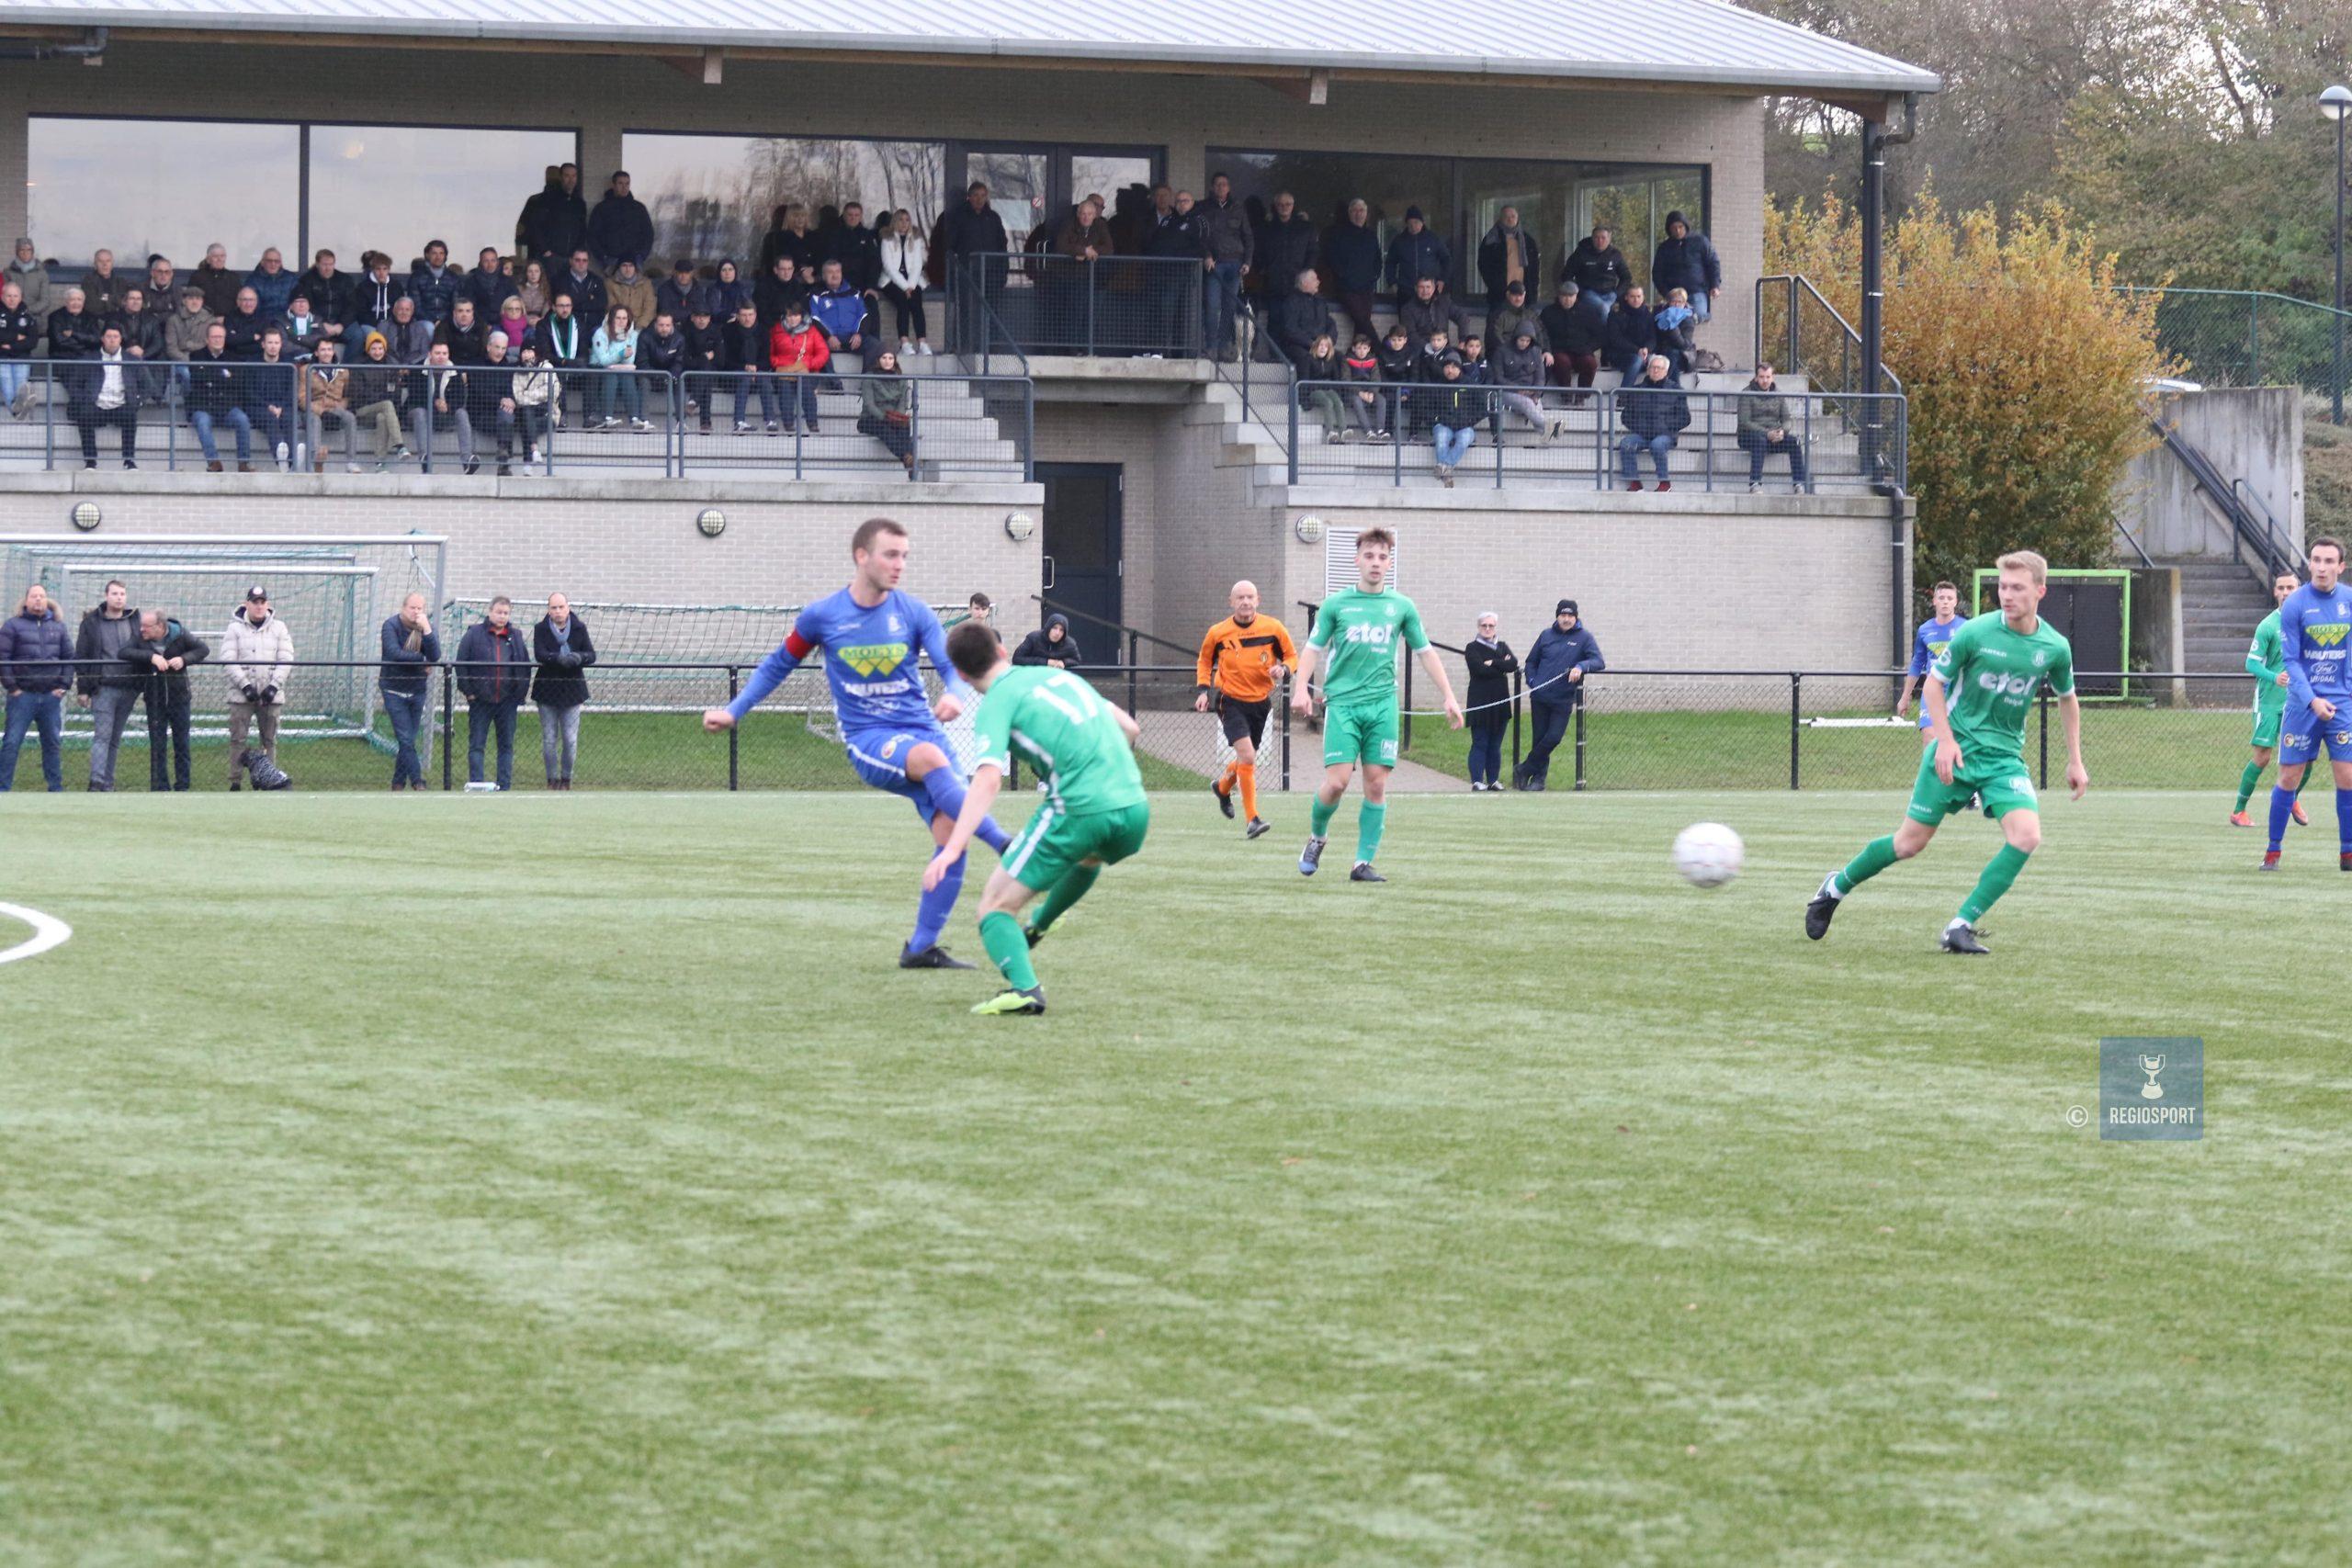 Provinciale, amateur en jeugdvoetbalcompetities pas opnieuw in 2021. Geen eindrondes!